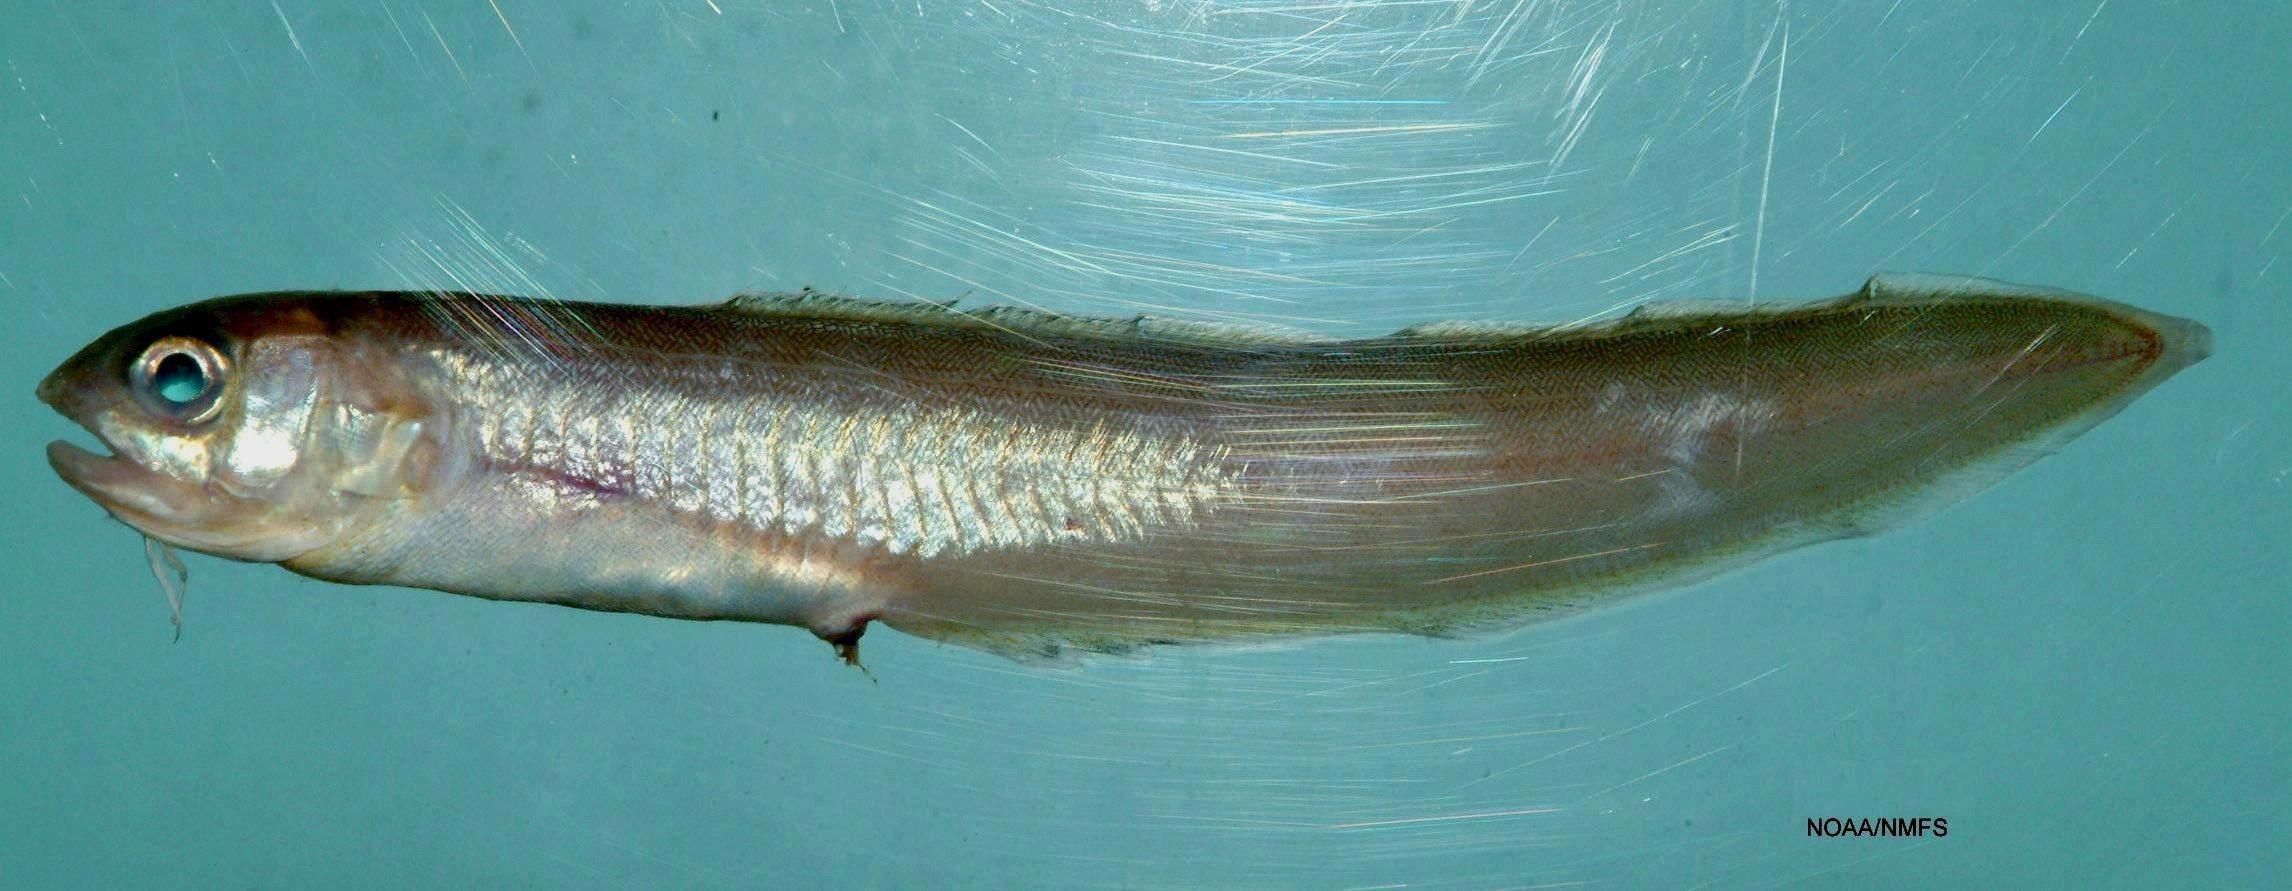 Image of Band Cusk-eel